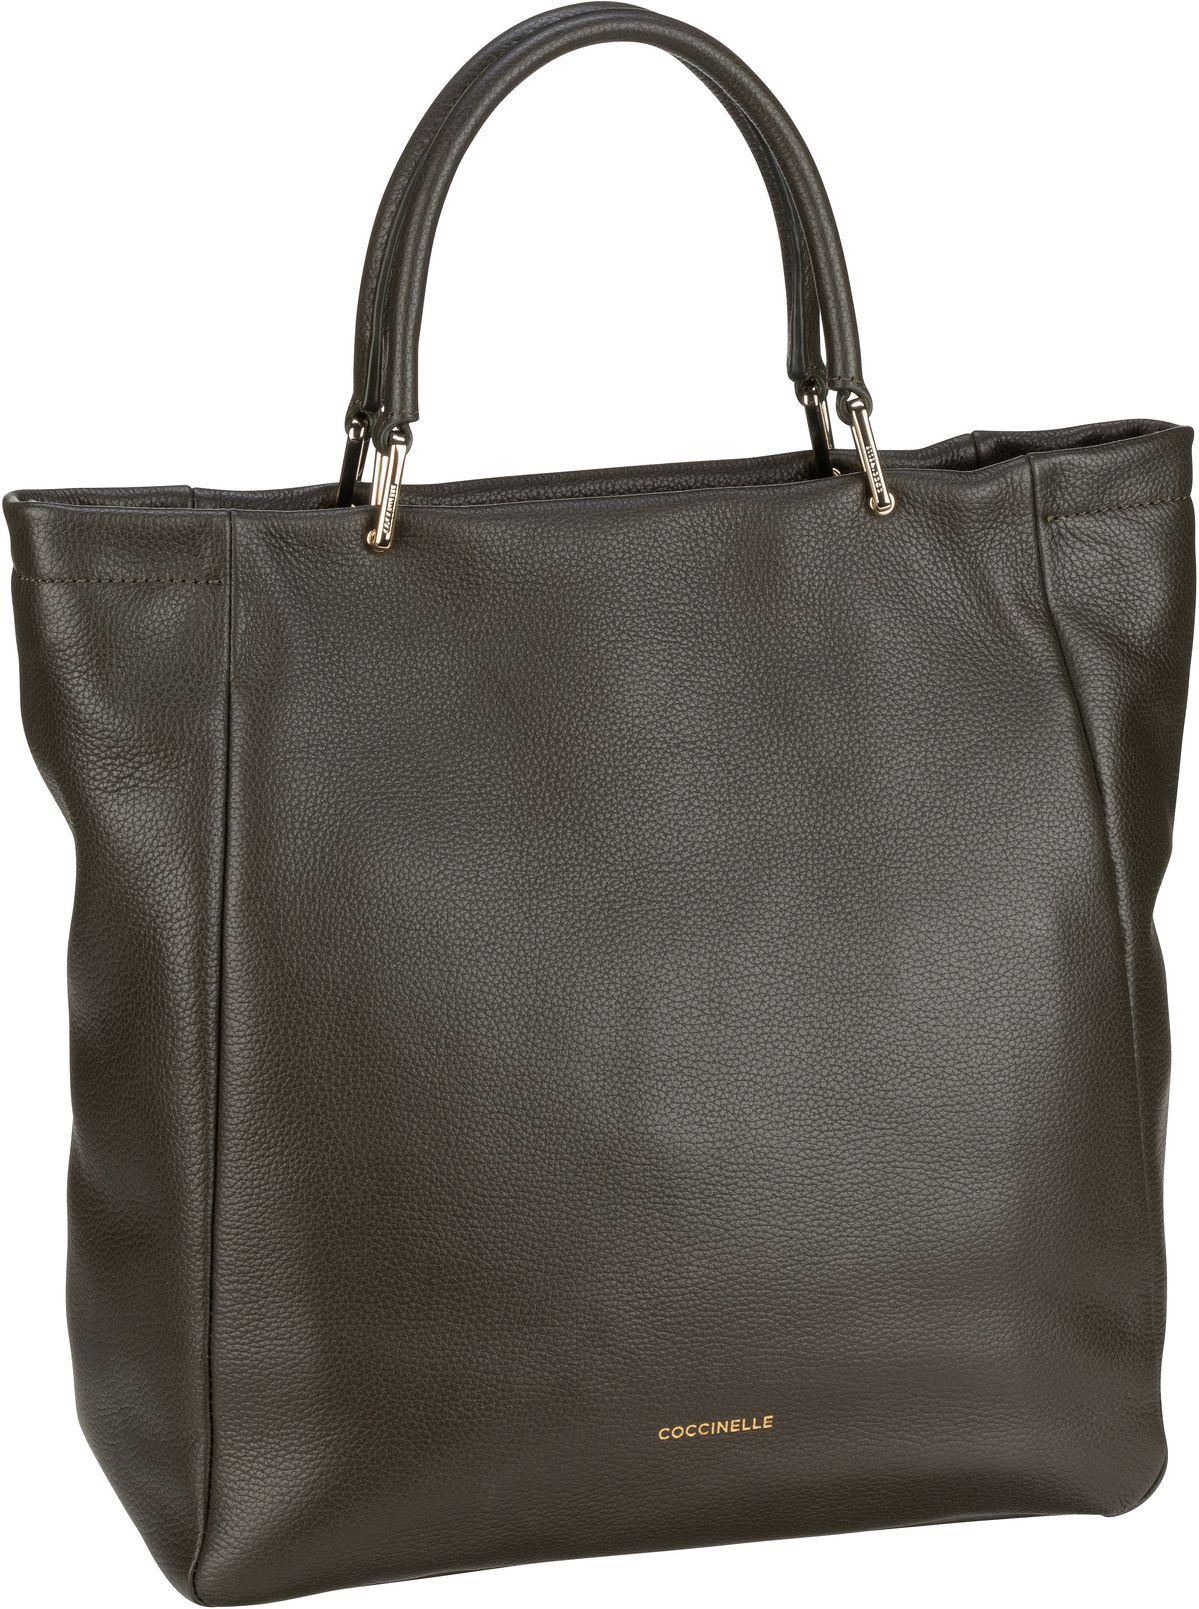 Handtasche Rendez-Vous 1801 Reef